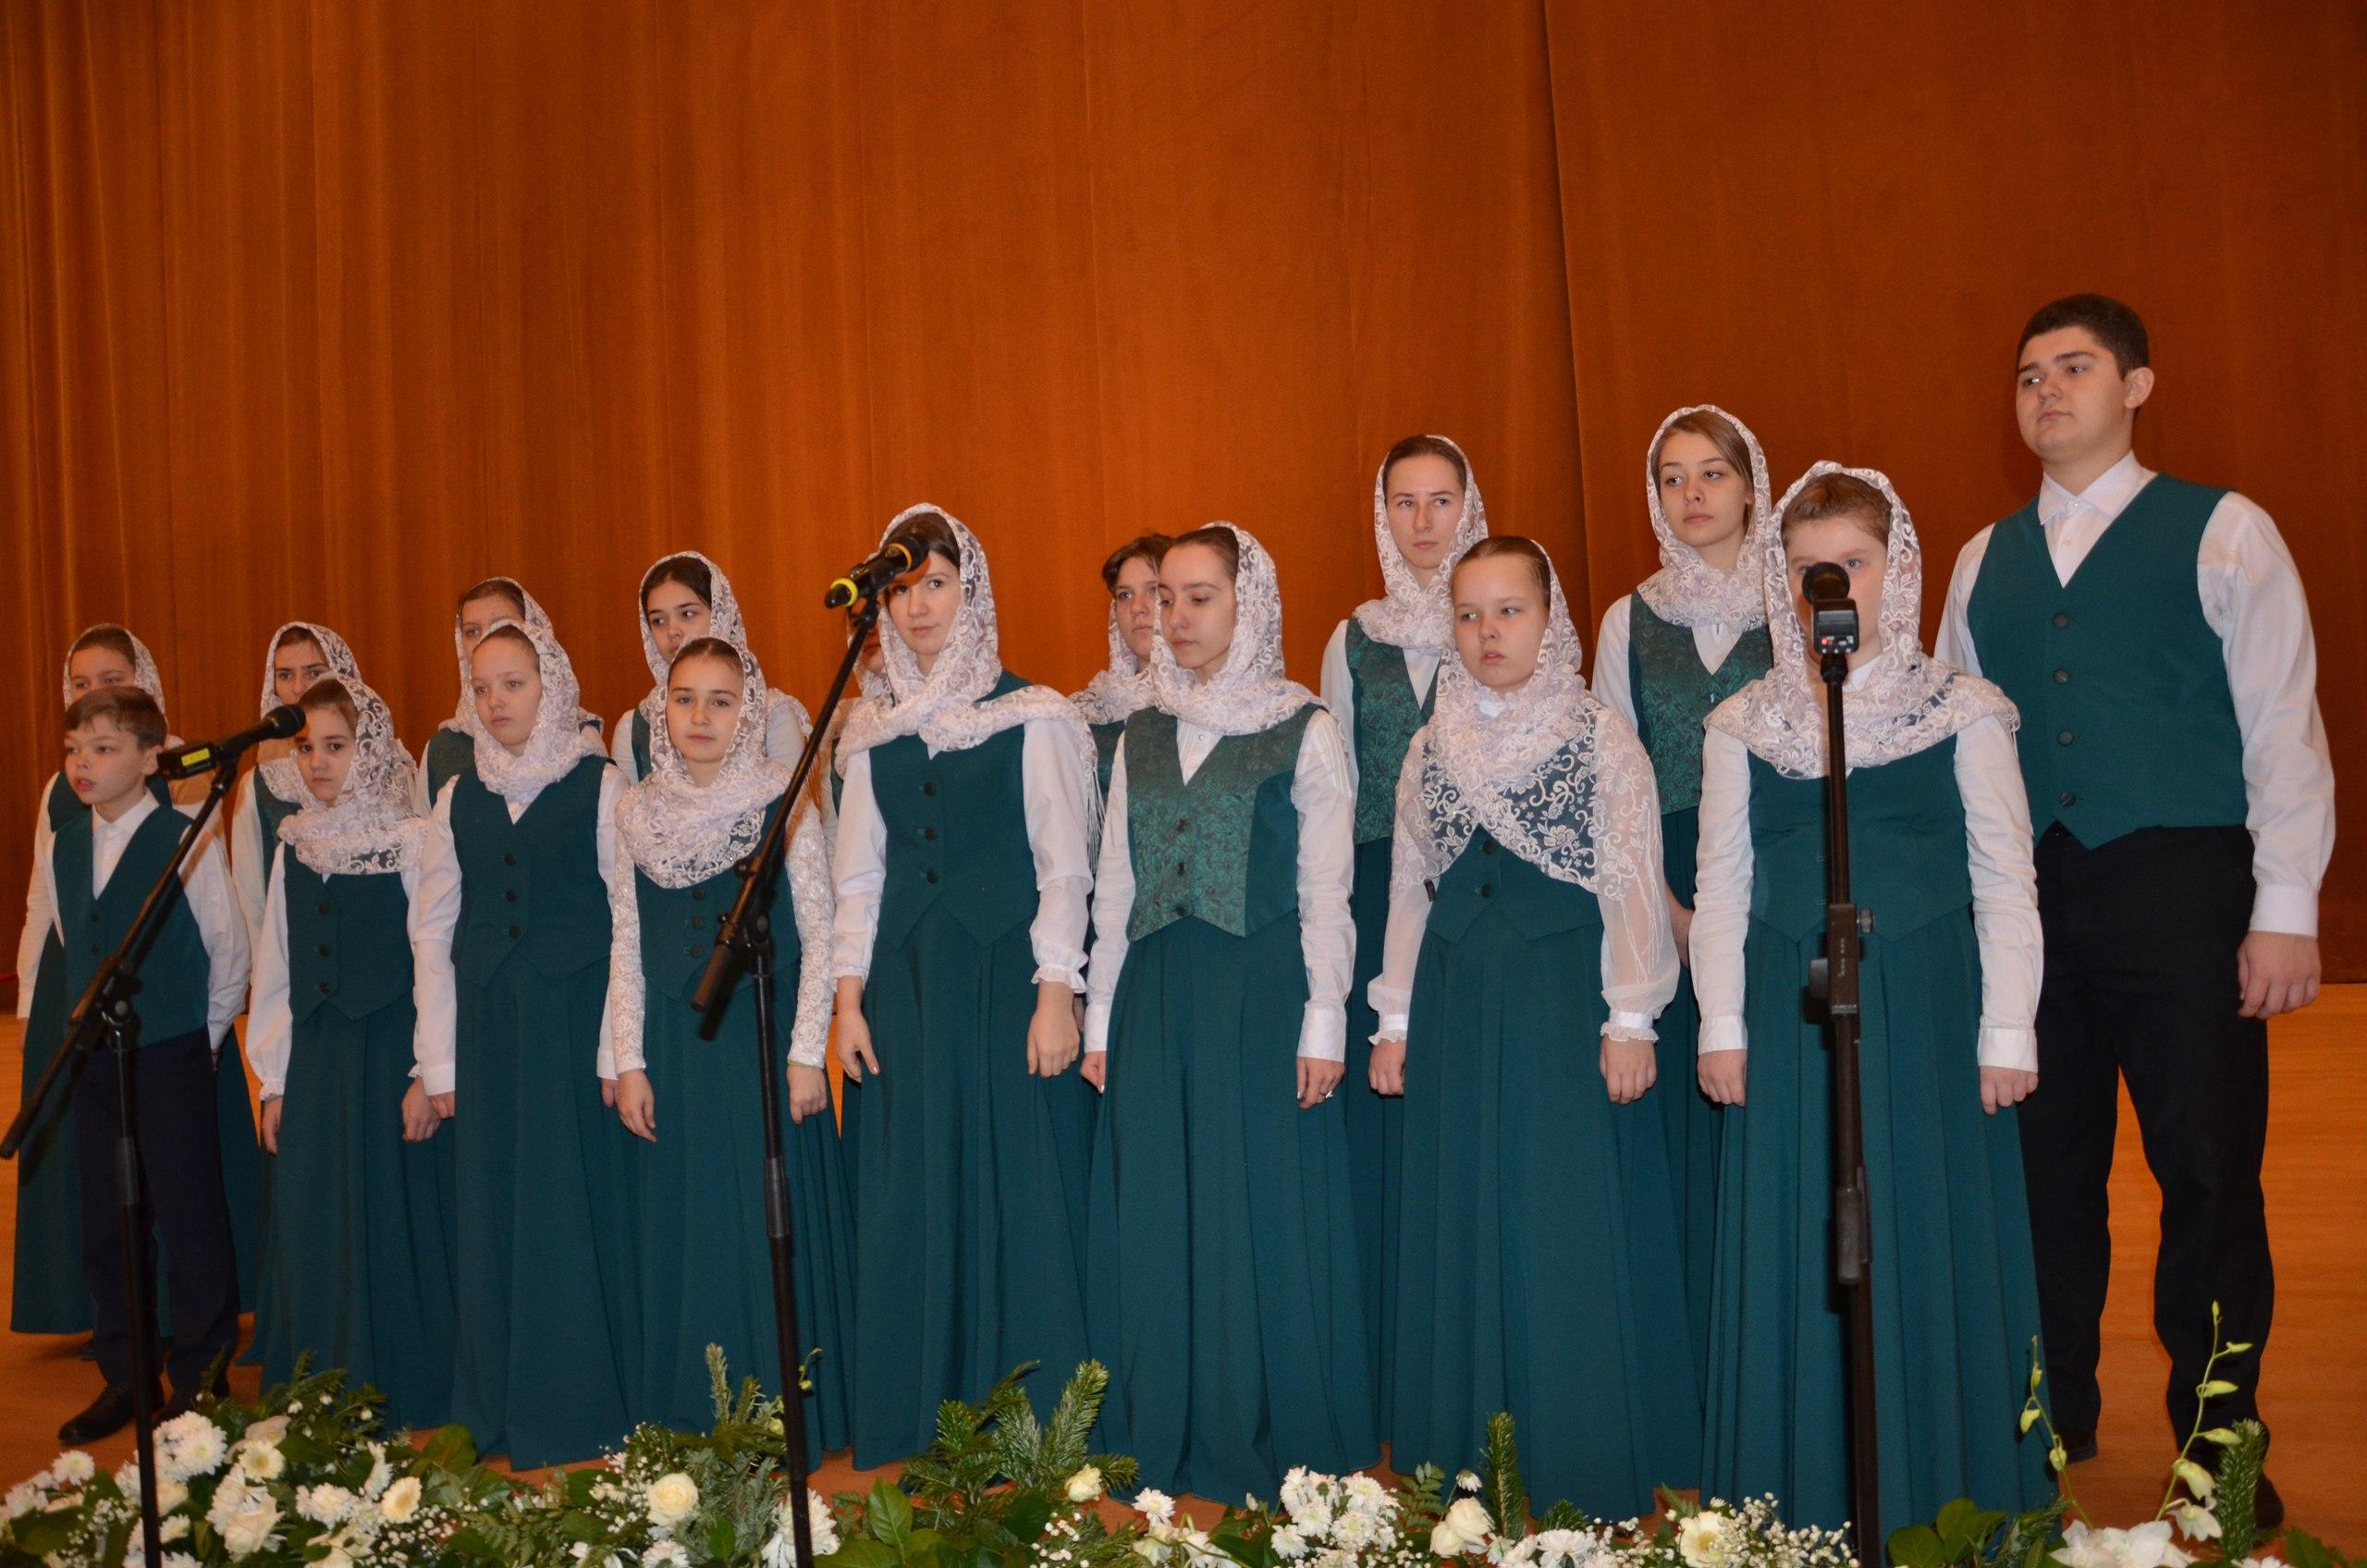 Воскресная школа «Малахит» выступила на презентации проекта «Алтарь Отечества» в рамках XXVI Международных Рождественских образовательных чтений